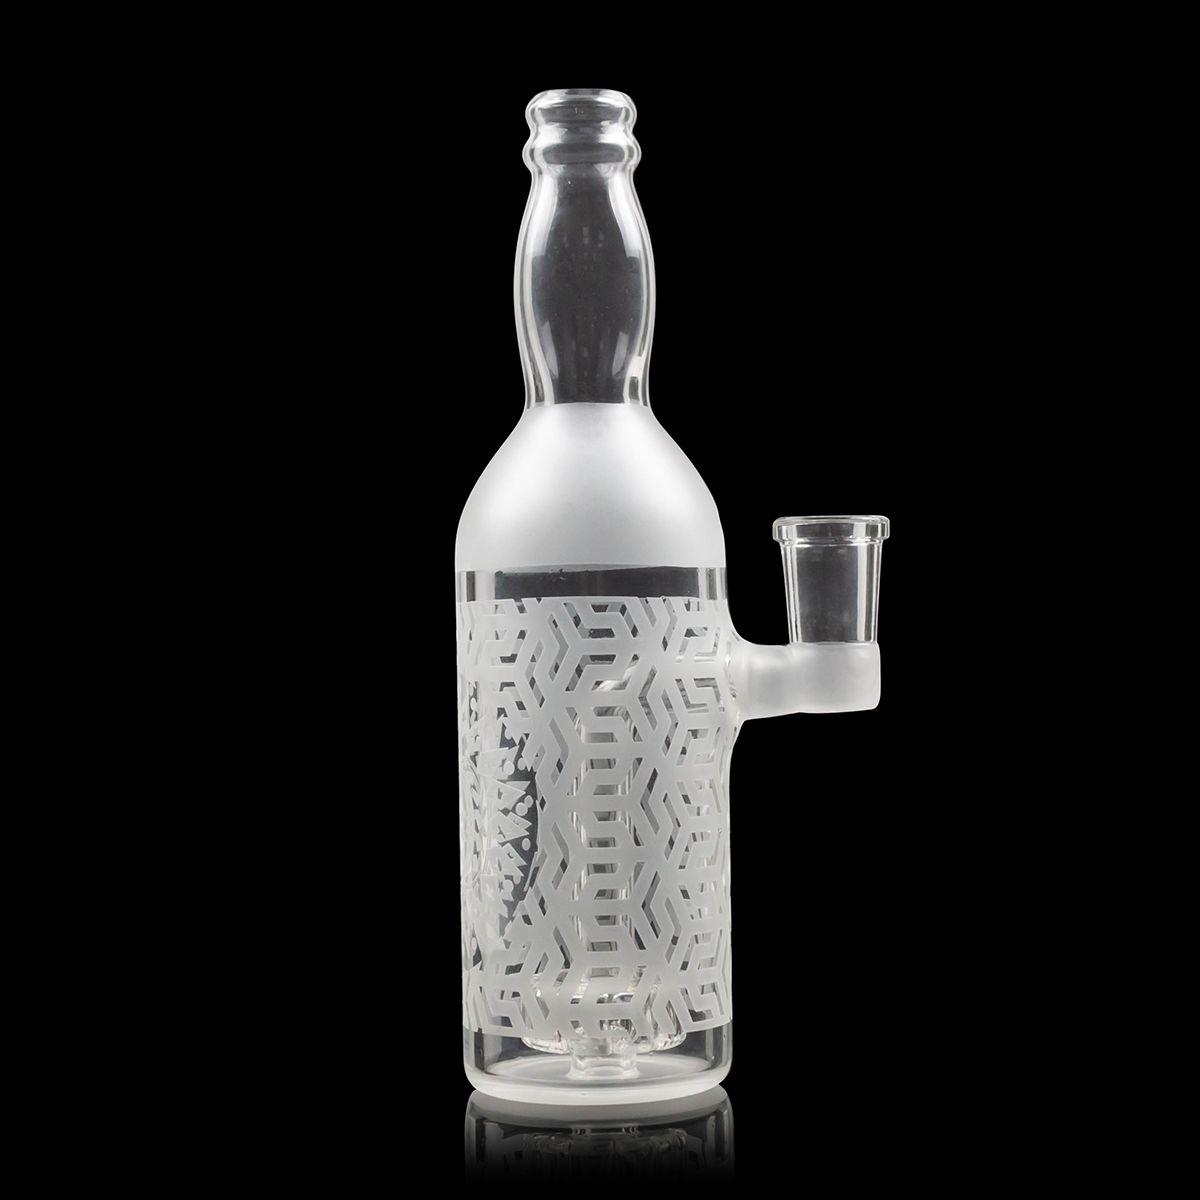 Nueva 7 pulgadas de agua blanca pelele Bong 14mm Grueso Mujer Botella Bong Dab Rig Rig Bong Aceite Con accesorios de fumar